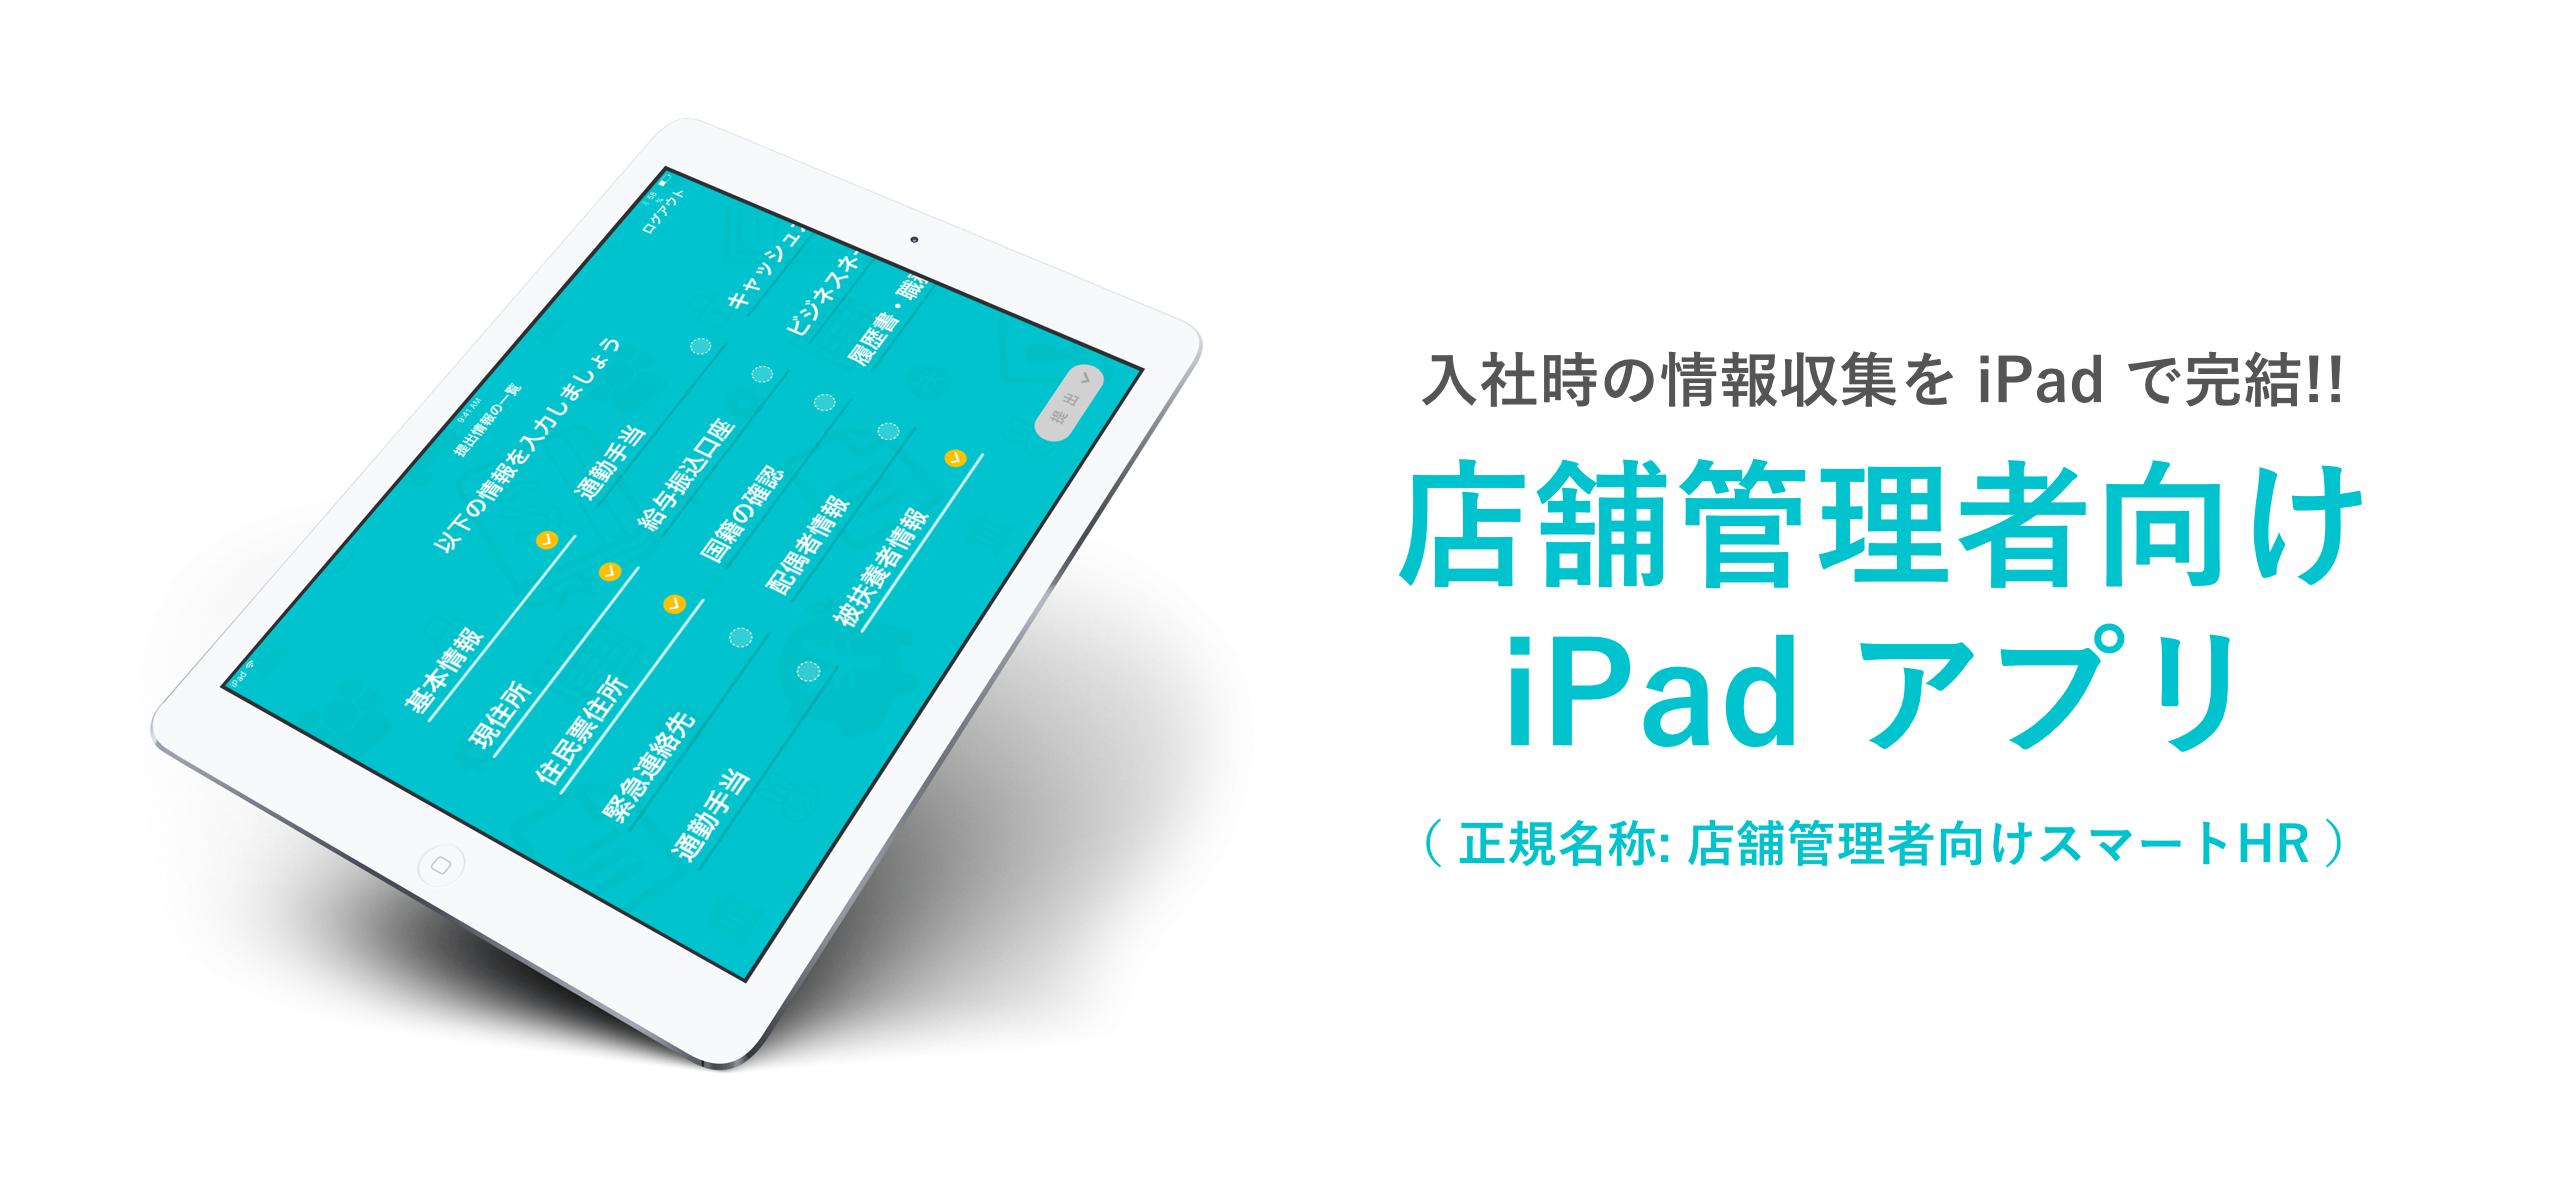 クラウド人事労務ソフト「SmartHR」が従業員情報収集アプリを公開。PC・スマートフォン不要で従業員の ...